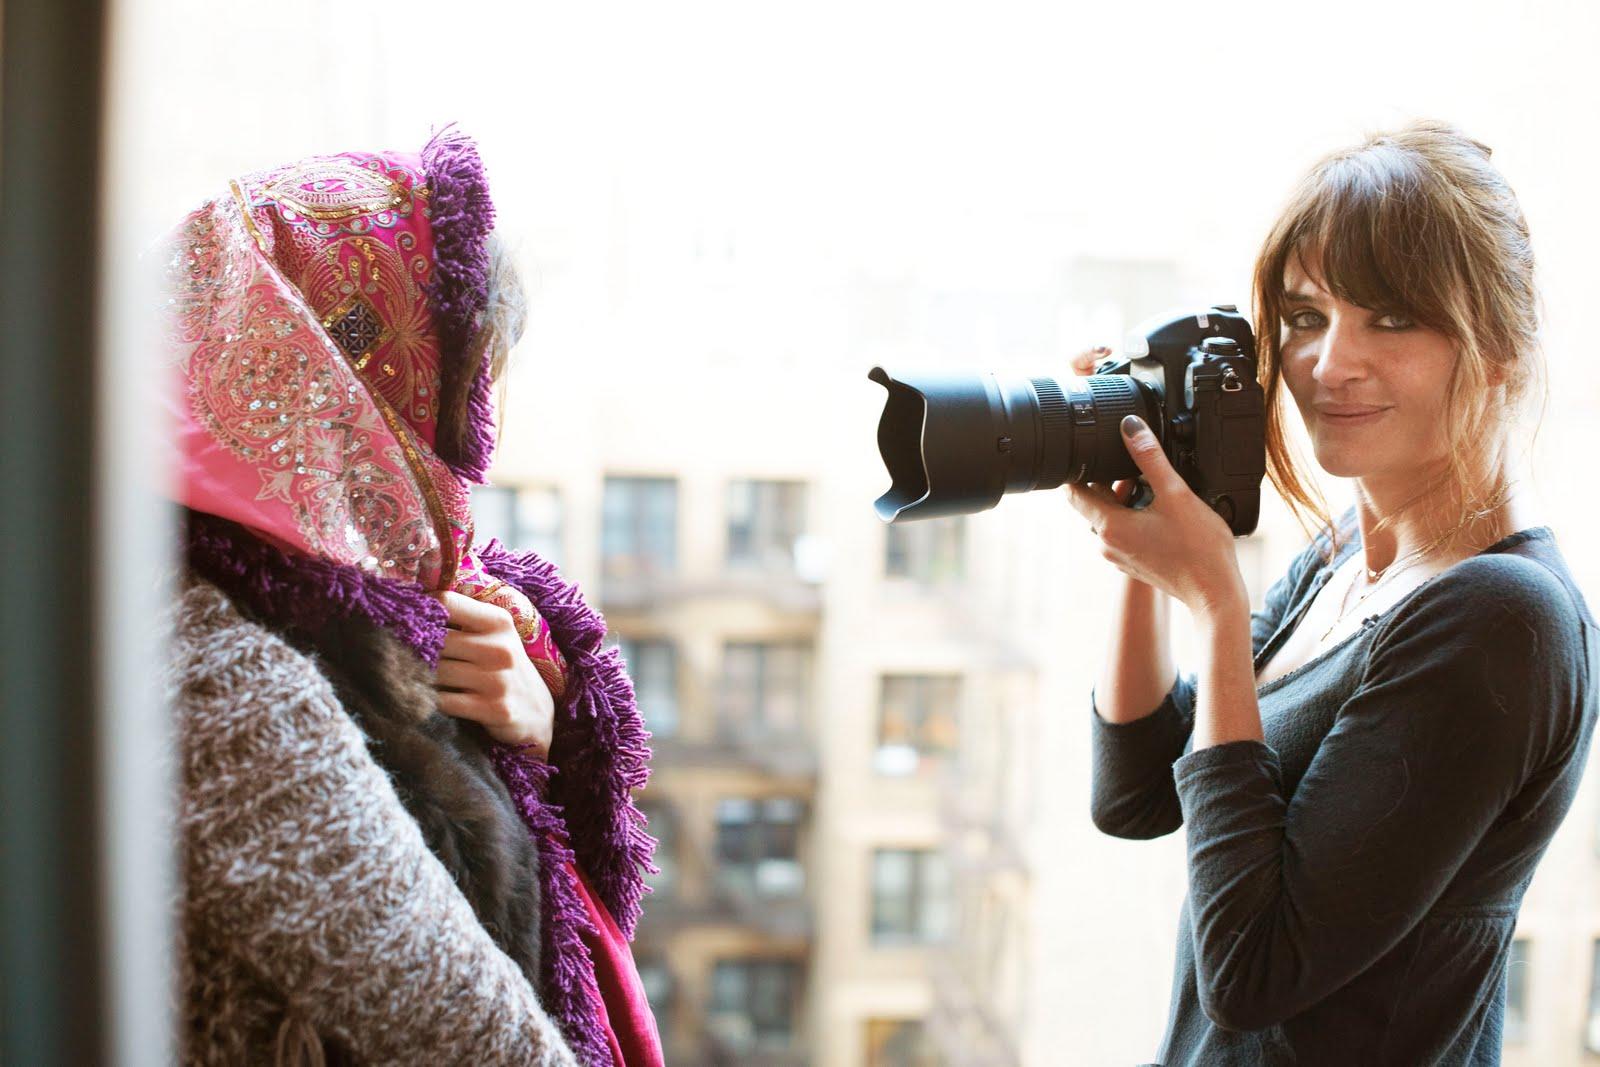 http://3.bp.blogspot.com/_7MV7g0QyM5s/TJ5LzRWlRjI/AAAAAAAAAVg/AxE2WLckuDc/s1600/behind-the-scenes-008.jpg